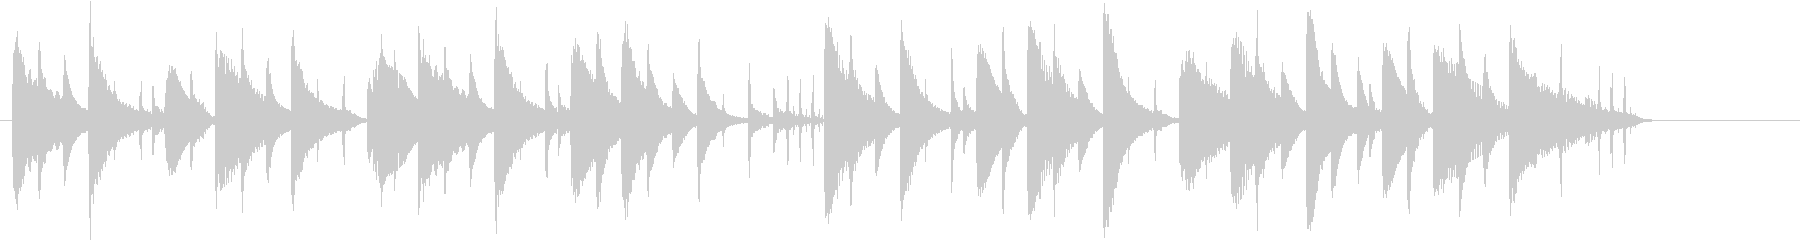 ほのぼの系のシンプルな短い曲の未再生の波形